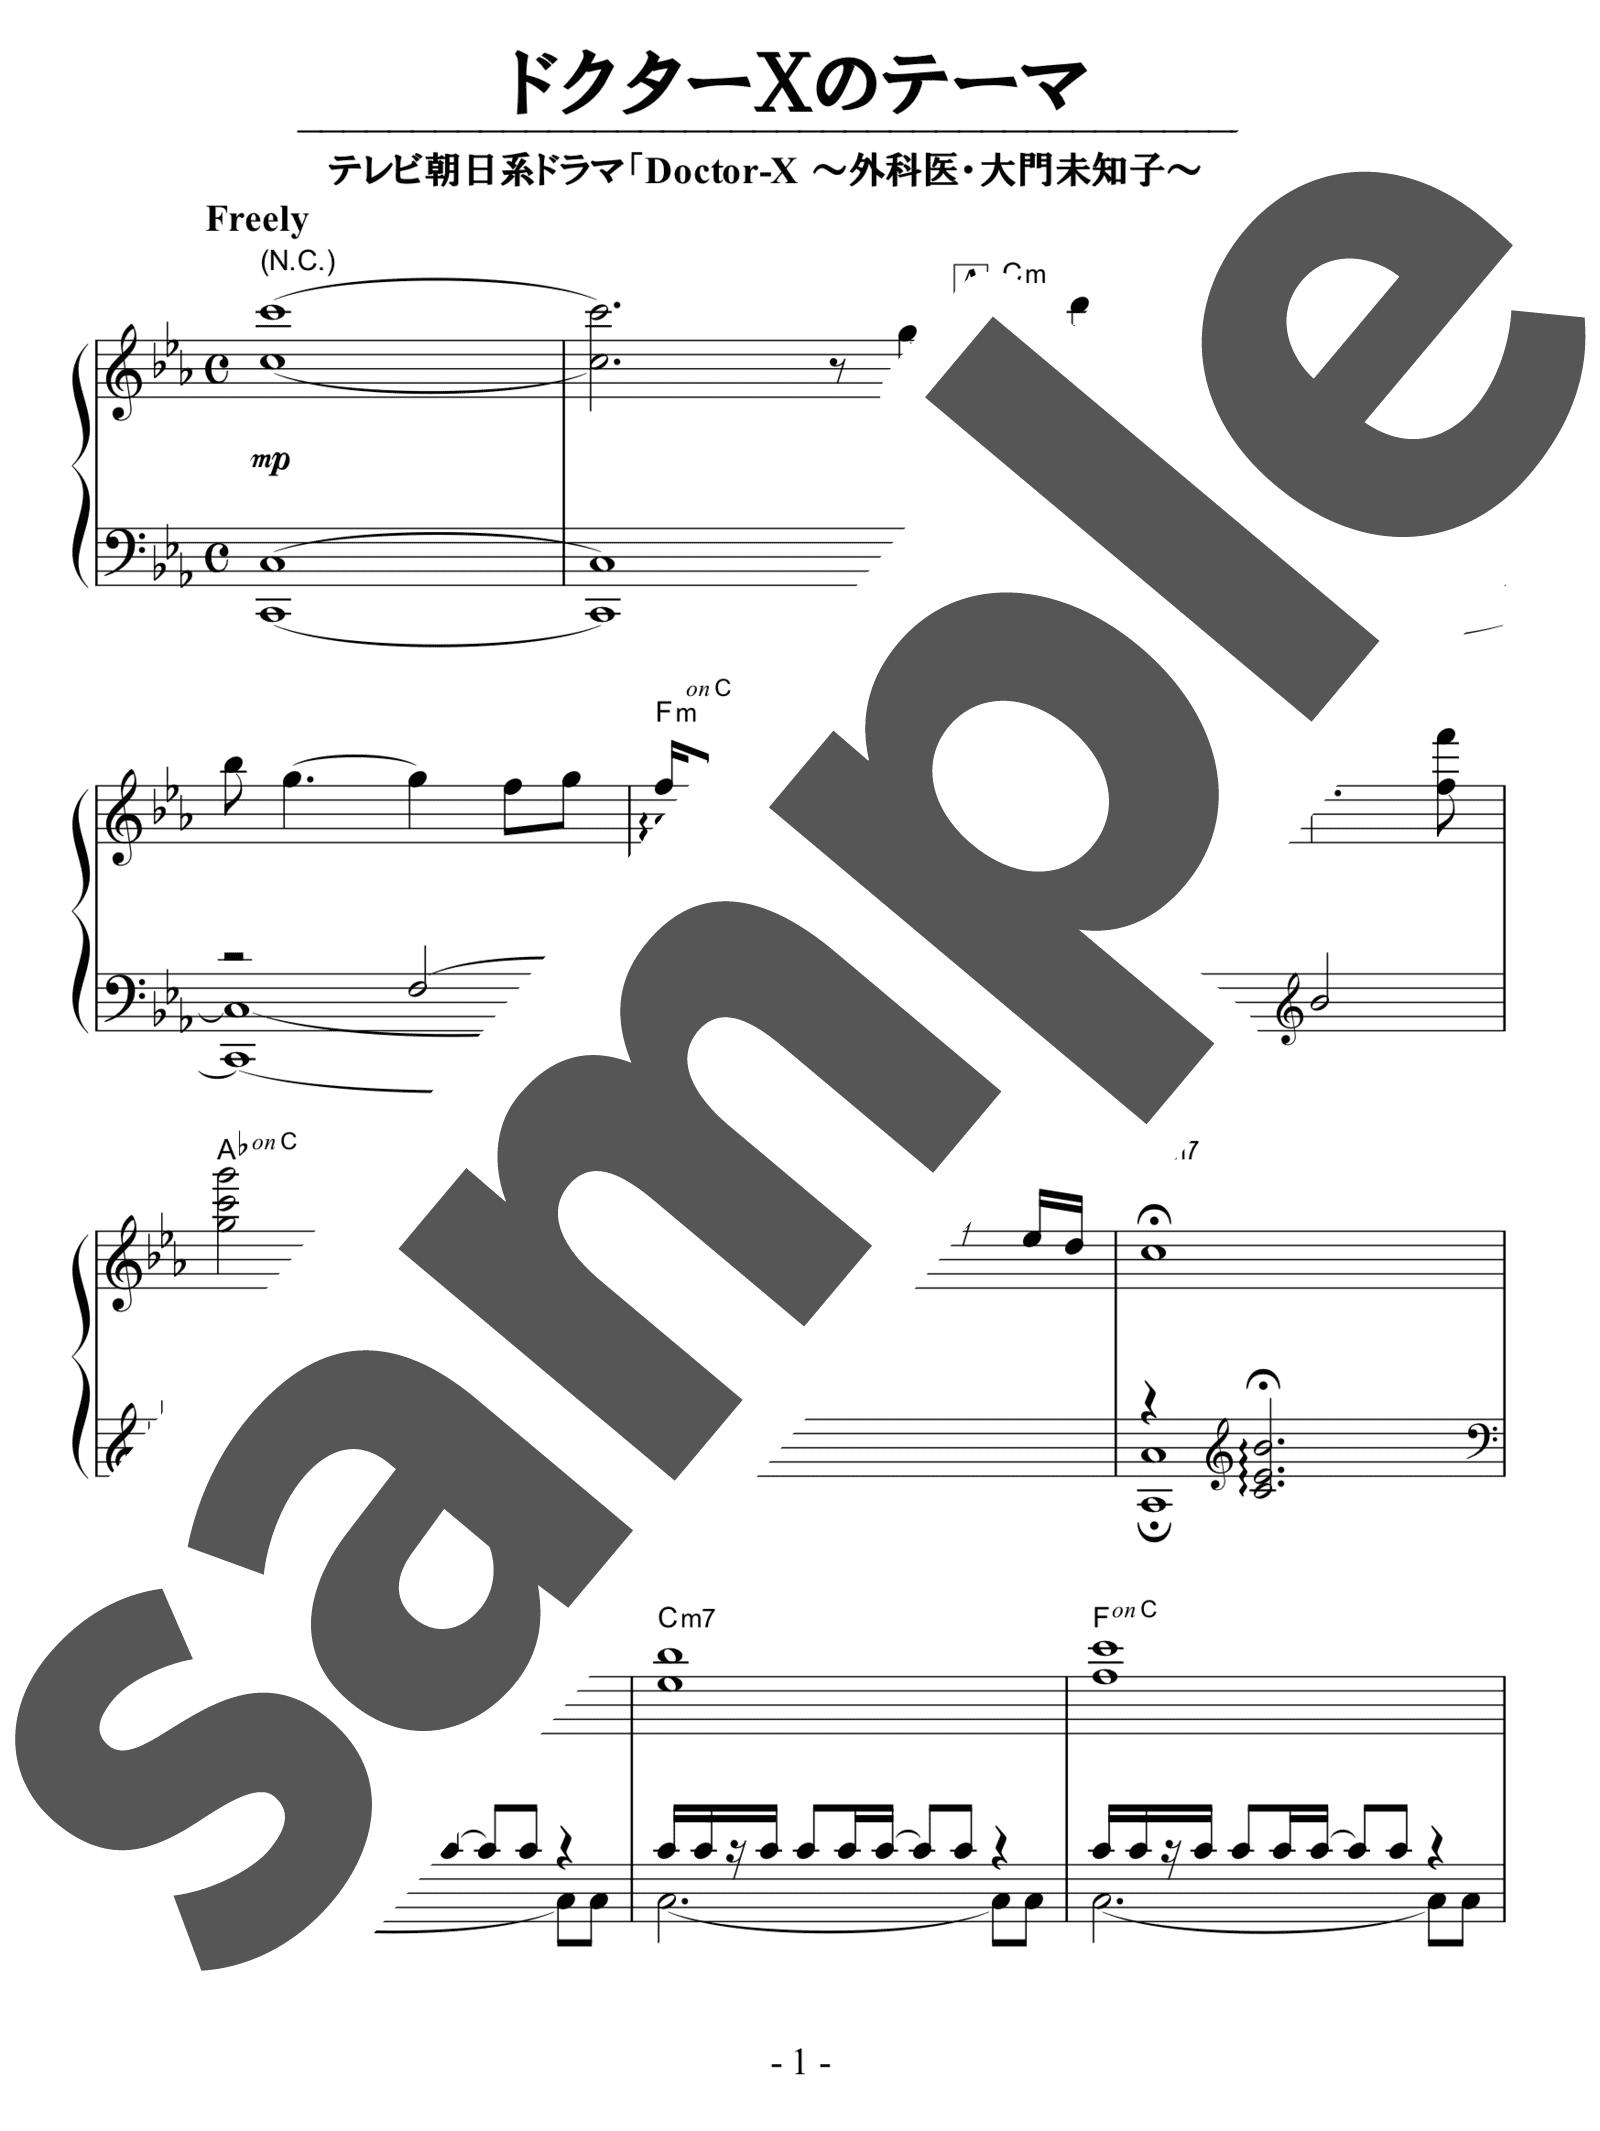 「ドクターXのテーマ」のサンプル楽譜